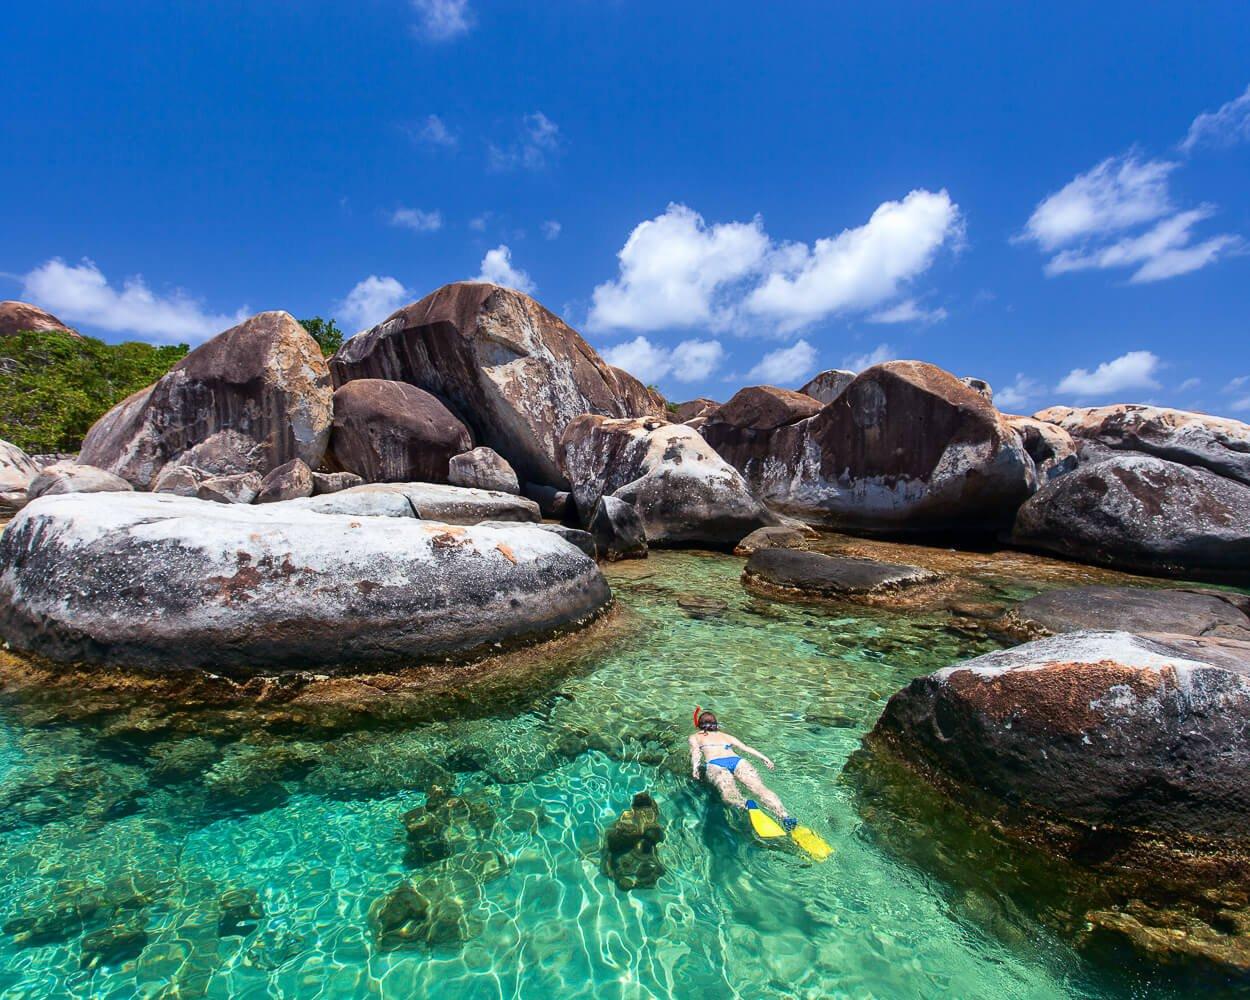 aerial view of woman snorkeling among boulders at The Baths in Virgin Gorda, British Virgin Islands